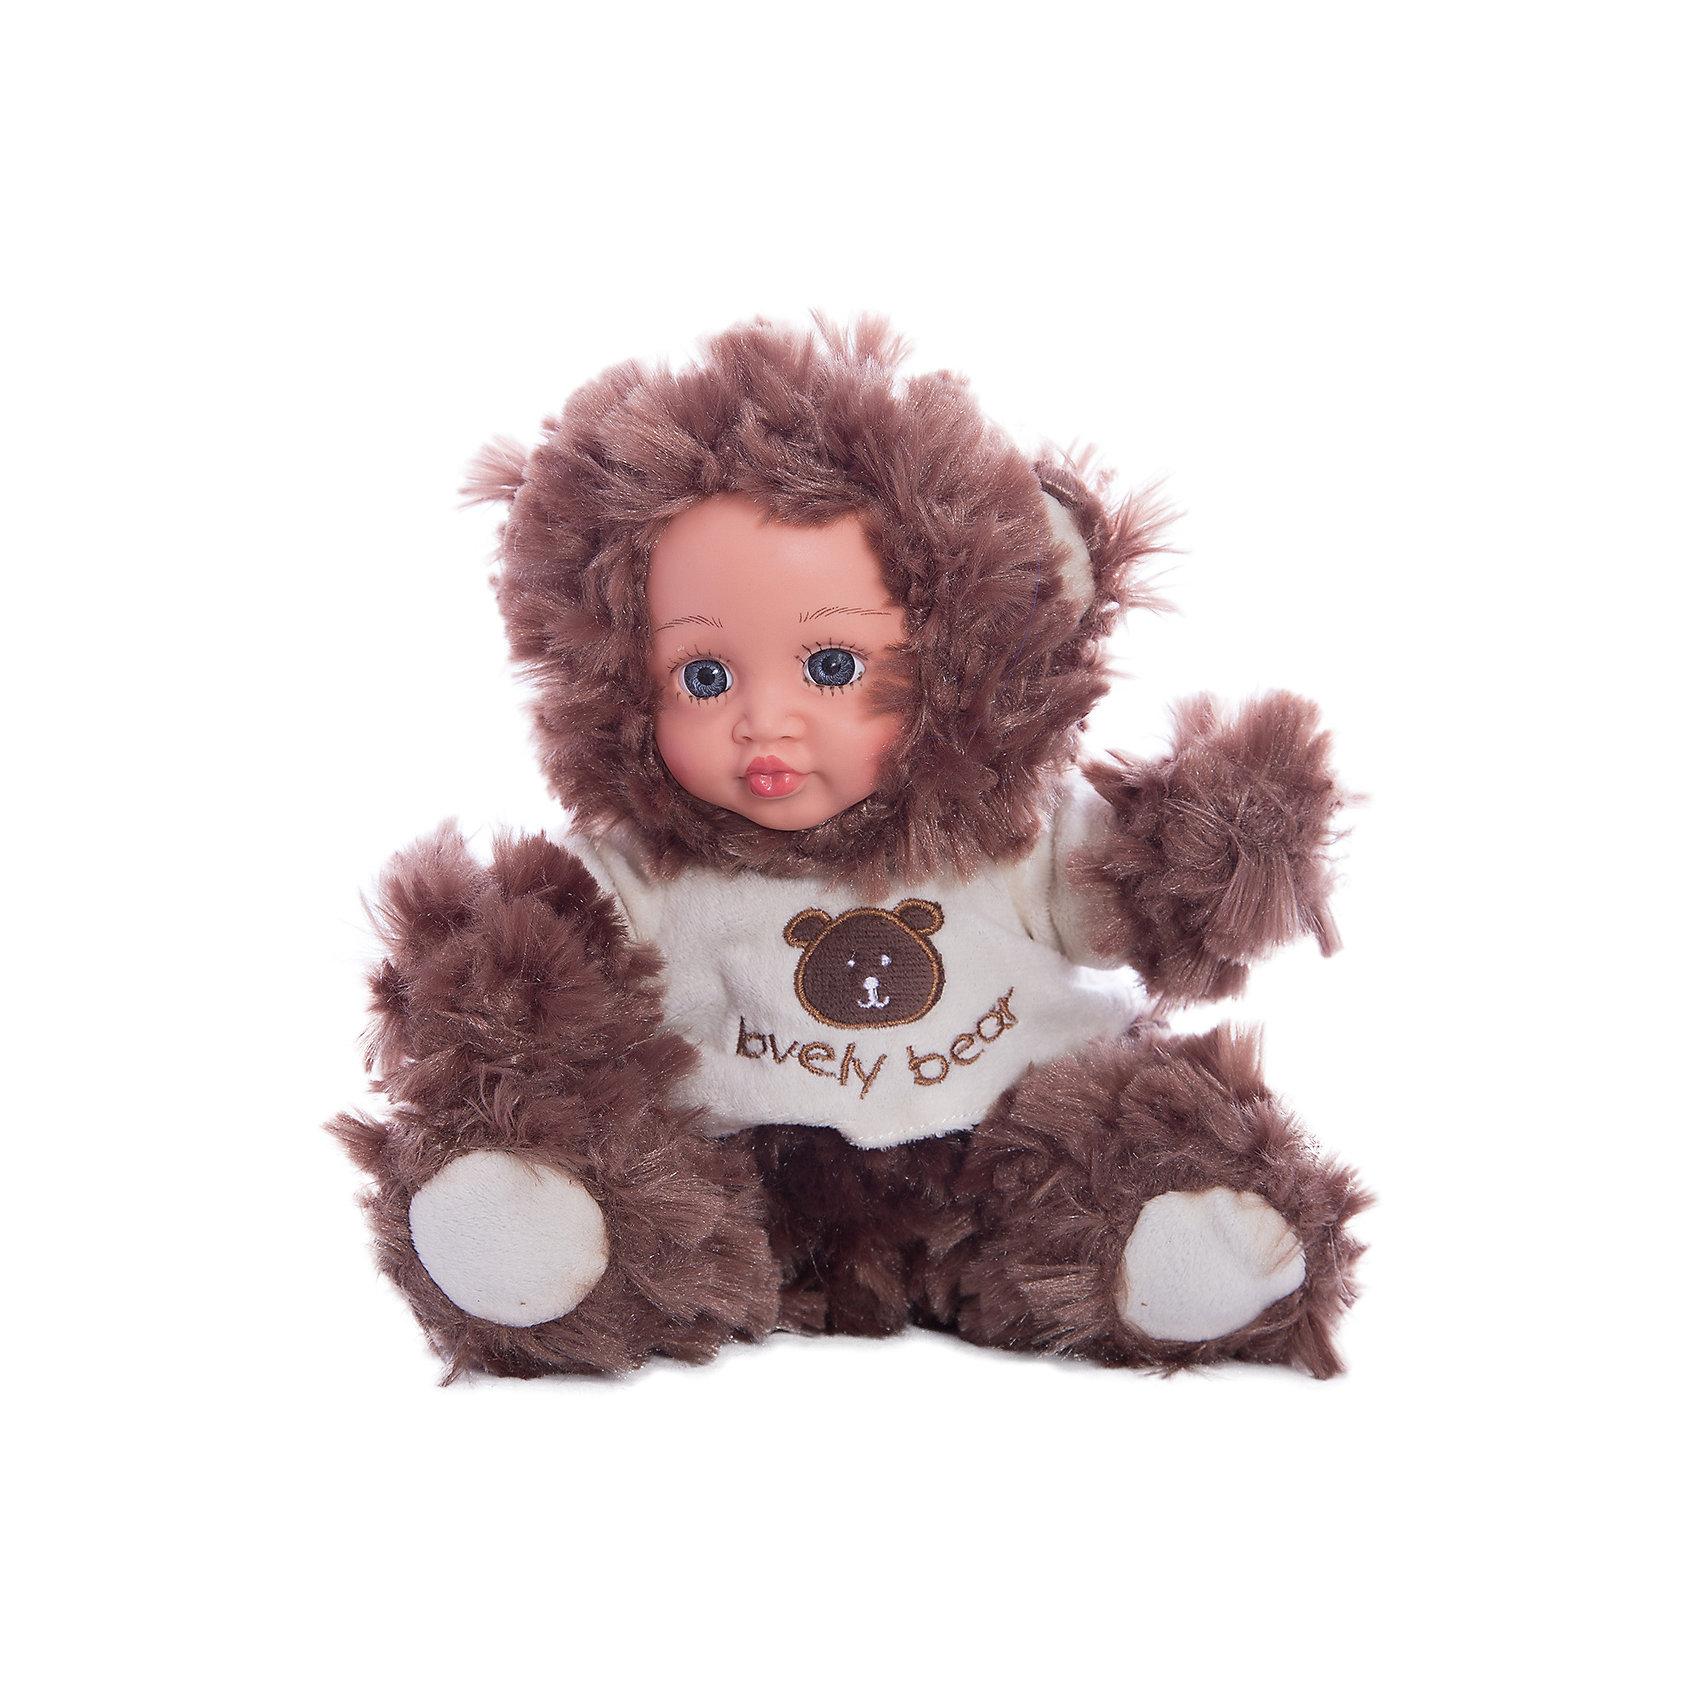 Игрушка Мой мишка, Fluffy FamilyМягкие куклы<br>Такая игрушка - милая вариация стандартной куклы–младенца. Малыш выполнен из пластика и тщательно прорисованным личиком. Одета кукла в костюм совенка. Ткань приятна на ощупь и малышу понравится играть с куклой. Игрушка подходит для одиночной игры малыша и для игр в компании. Не содержит мелких деталей. Кукла из коллекционной серии. Соберите весь набор! Материалы, использованные при изготовлении товара, абсолютно безопасны и отвечают всем международным требованиям по качеству.<br><br>Дополнительные характеристики:<br><br>материал: ПВХ, искусственный мех, пластик;<br>габариты: 20 X 9 X 30 см;<br>наполнитель: полиэтиленовые гранулы.<br><br>Игрушку Мой мишка от компании Fluffy Family можно приобрести в нашем магазине.<br><br>Ширина мм: 570<br>Глубина мм: 580<br>Высота мм: 450<br>Вес г: 139<br>Возраст от месяцев: 36<br>Возраст до месяцев: 96<br>Пол: Унисекс<br>Возраст: Детский<br>SKU: 5032466